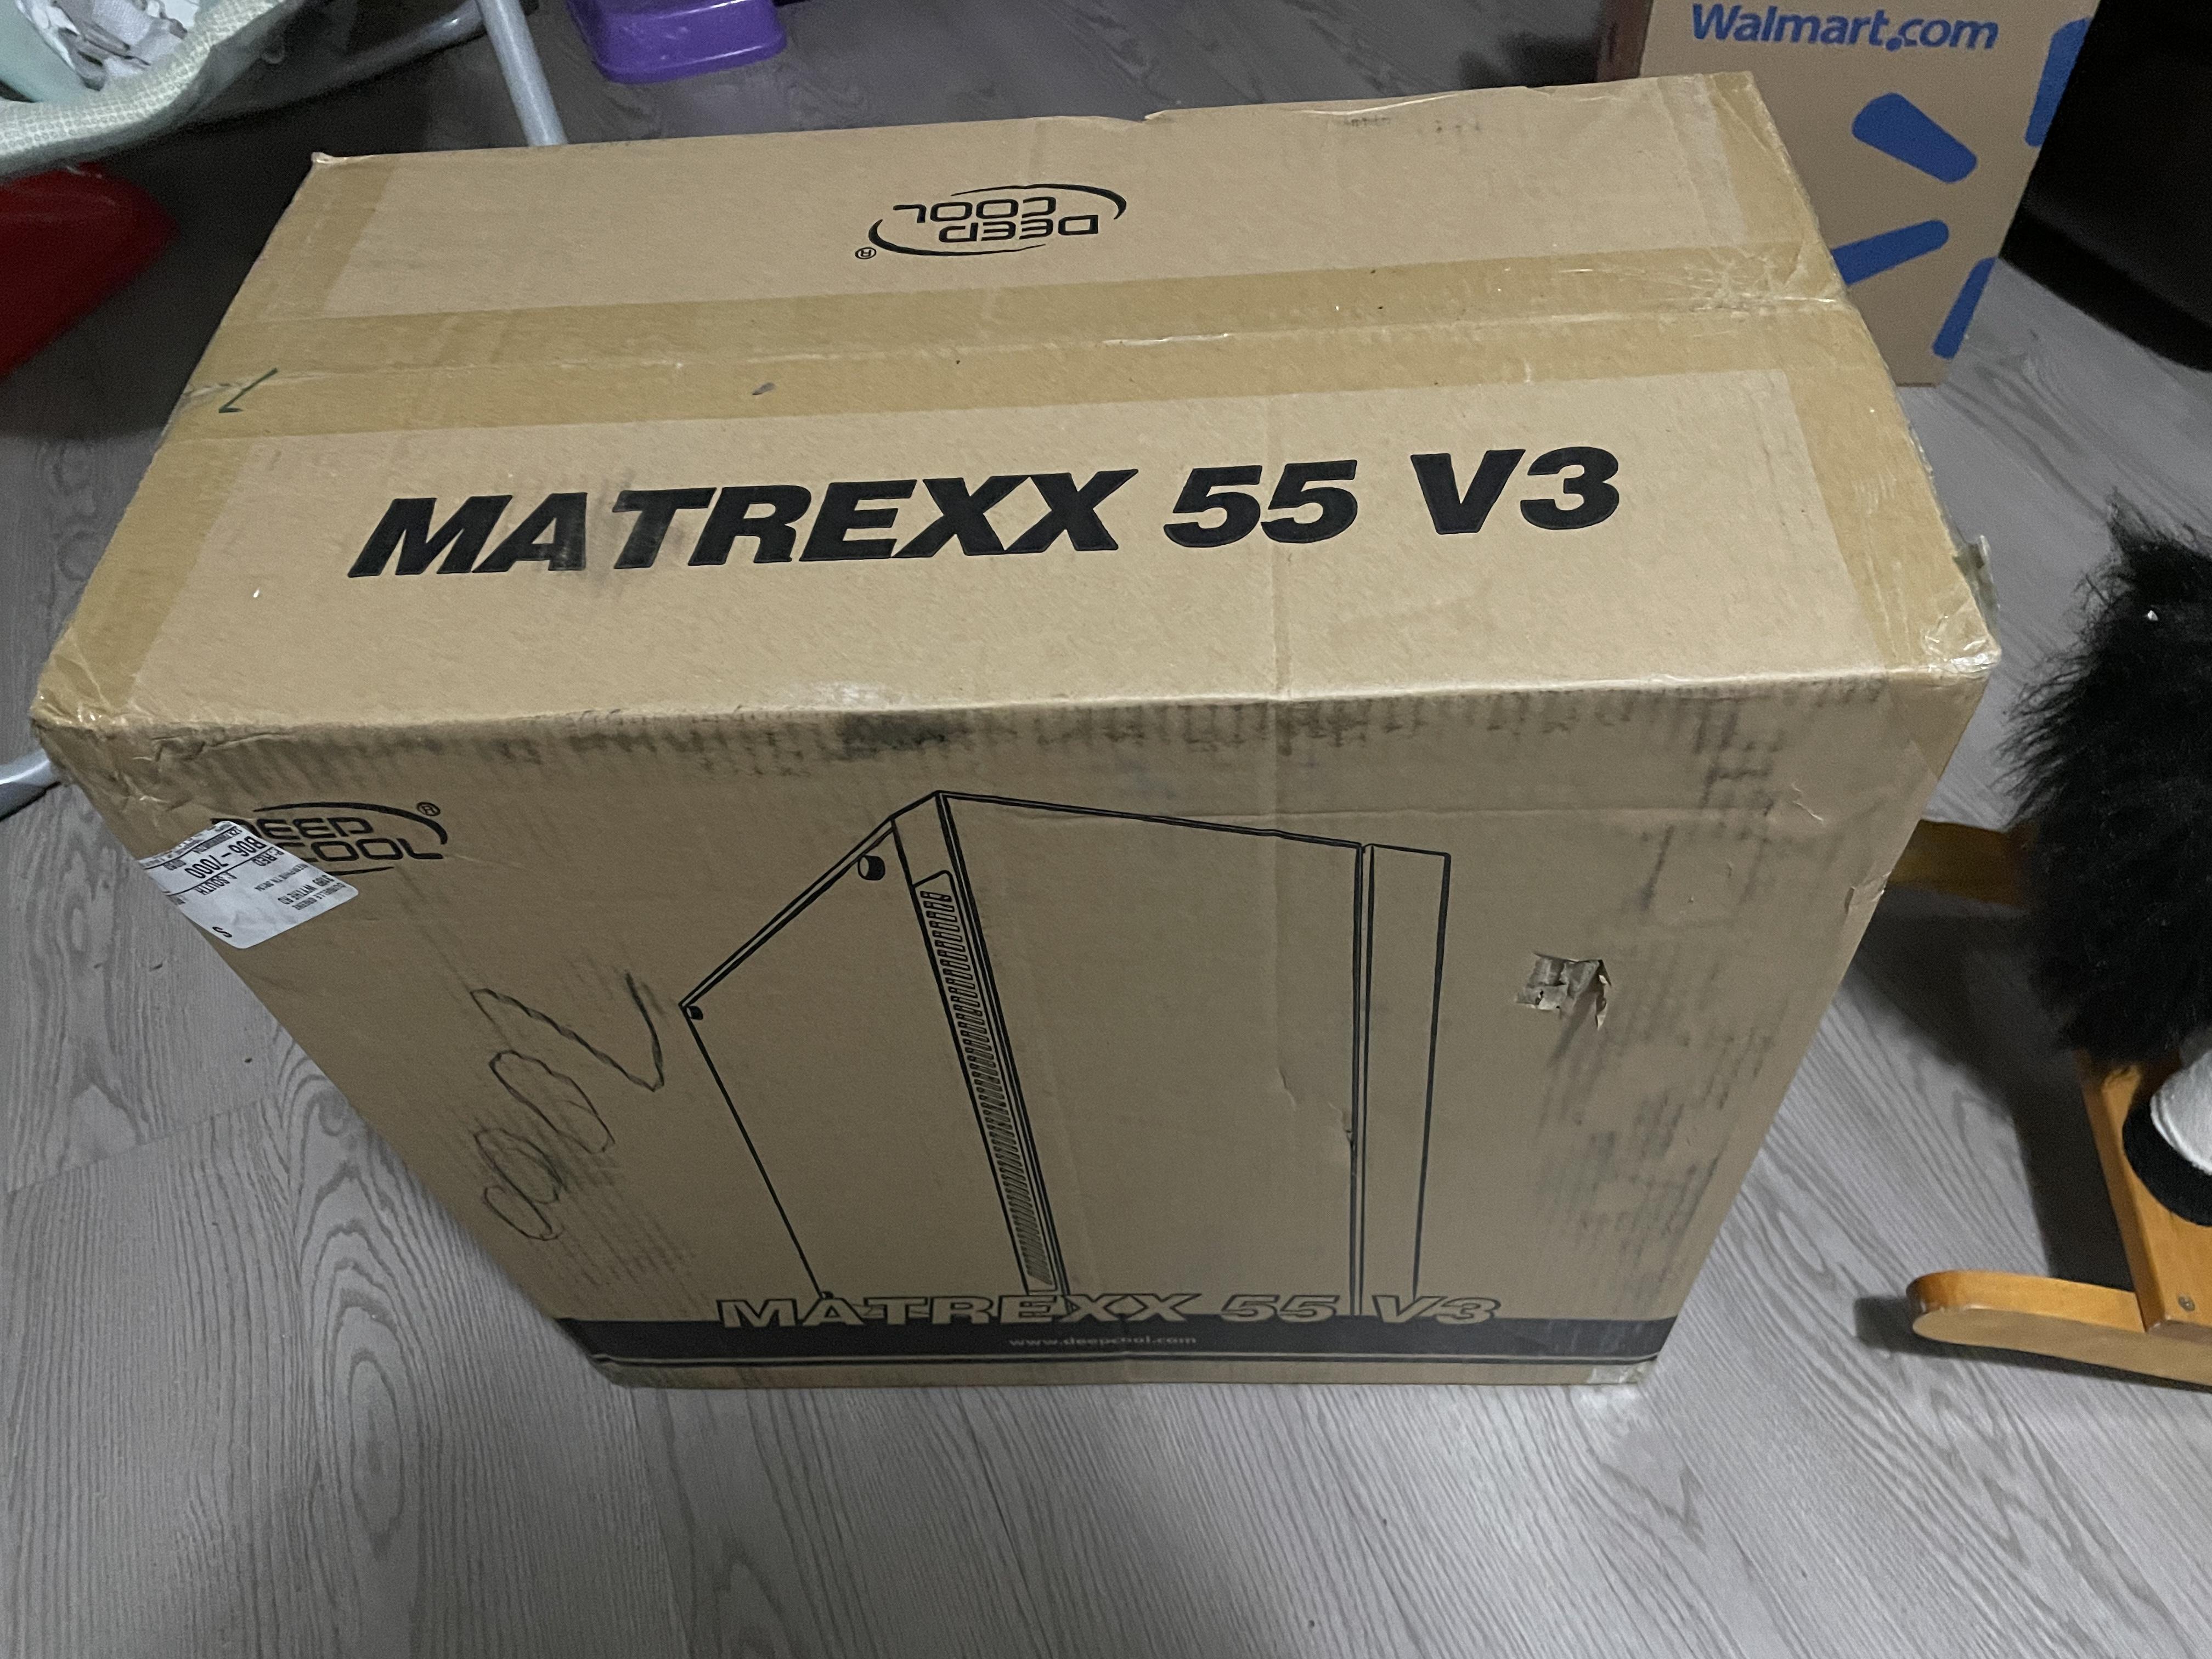 3E5EC4E8-77B5-4115-A155-F05ACF7D543D.jpeg